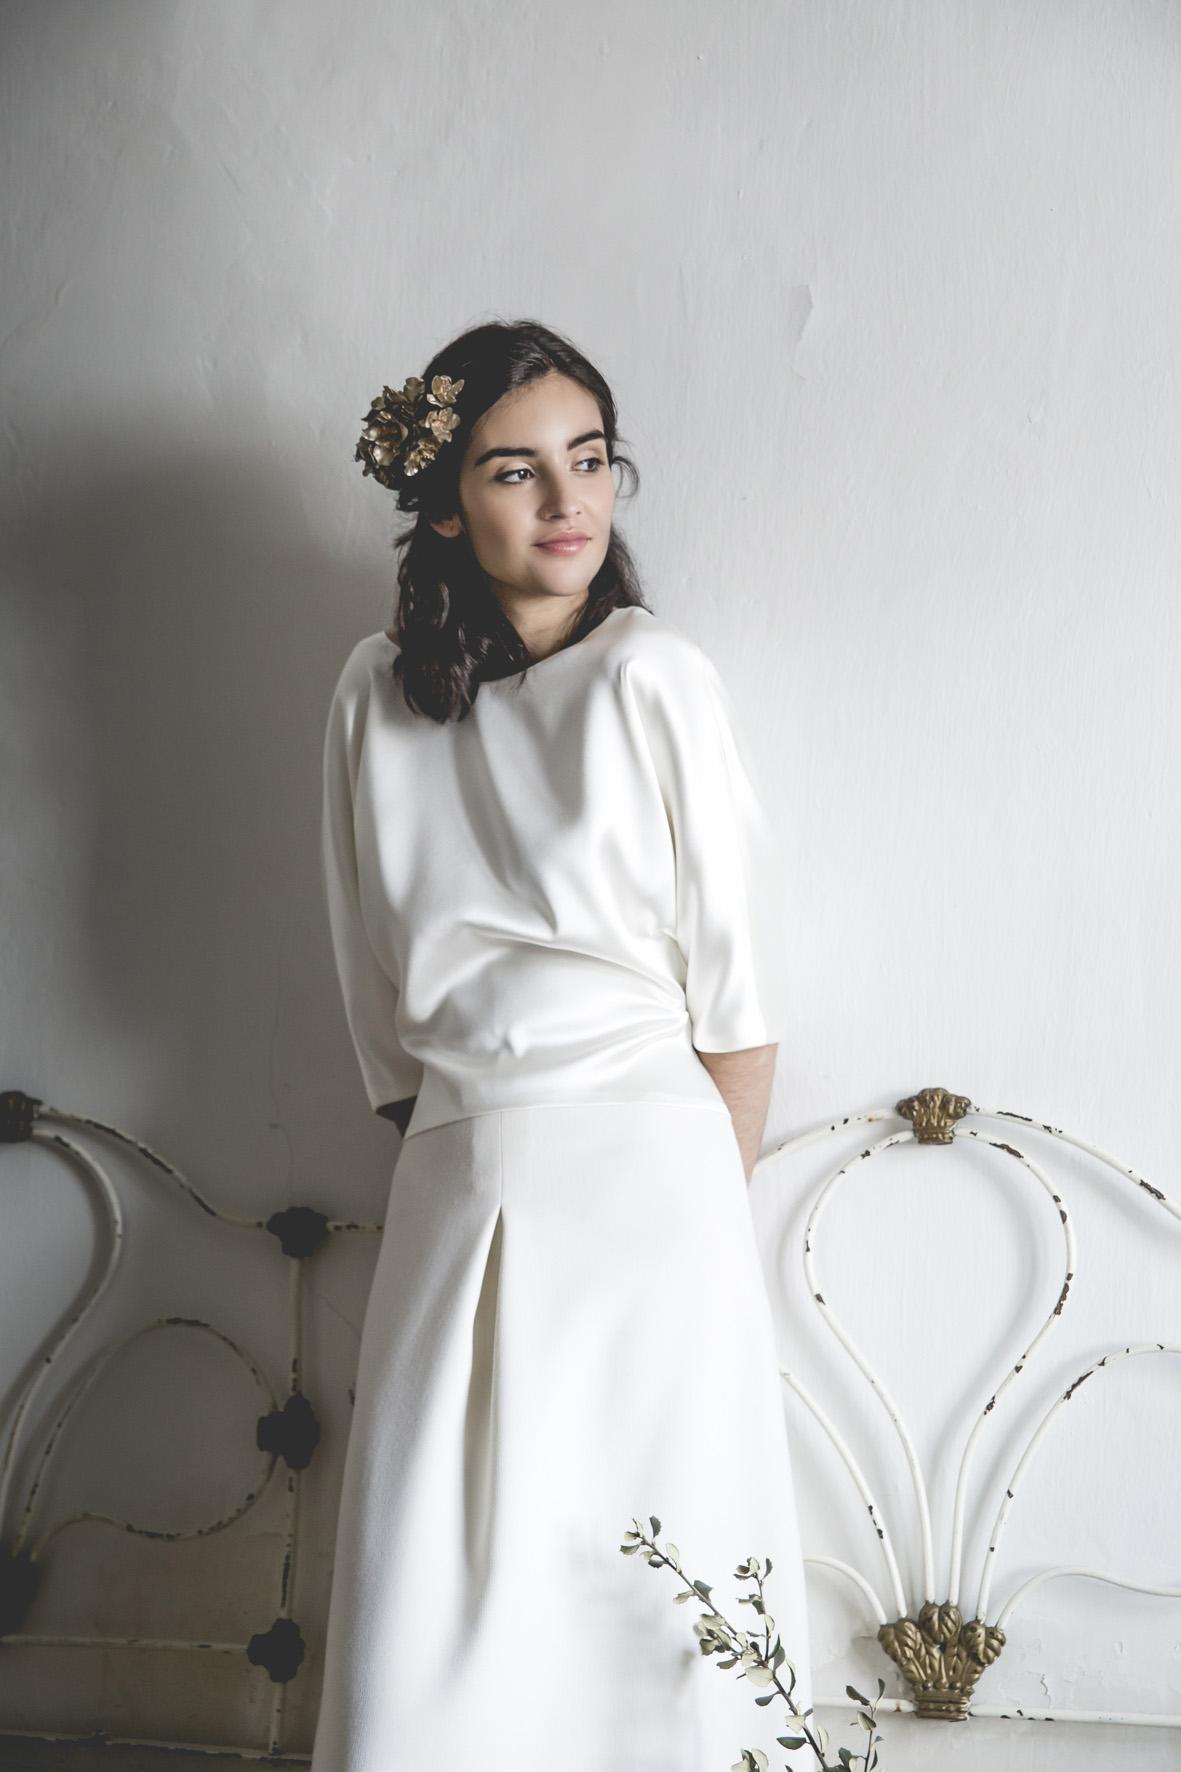 alejandra-svarc-patriciasemir104